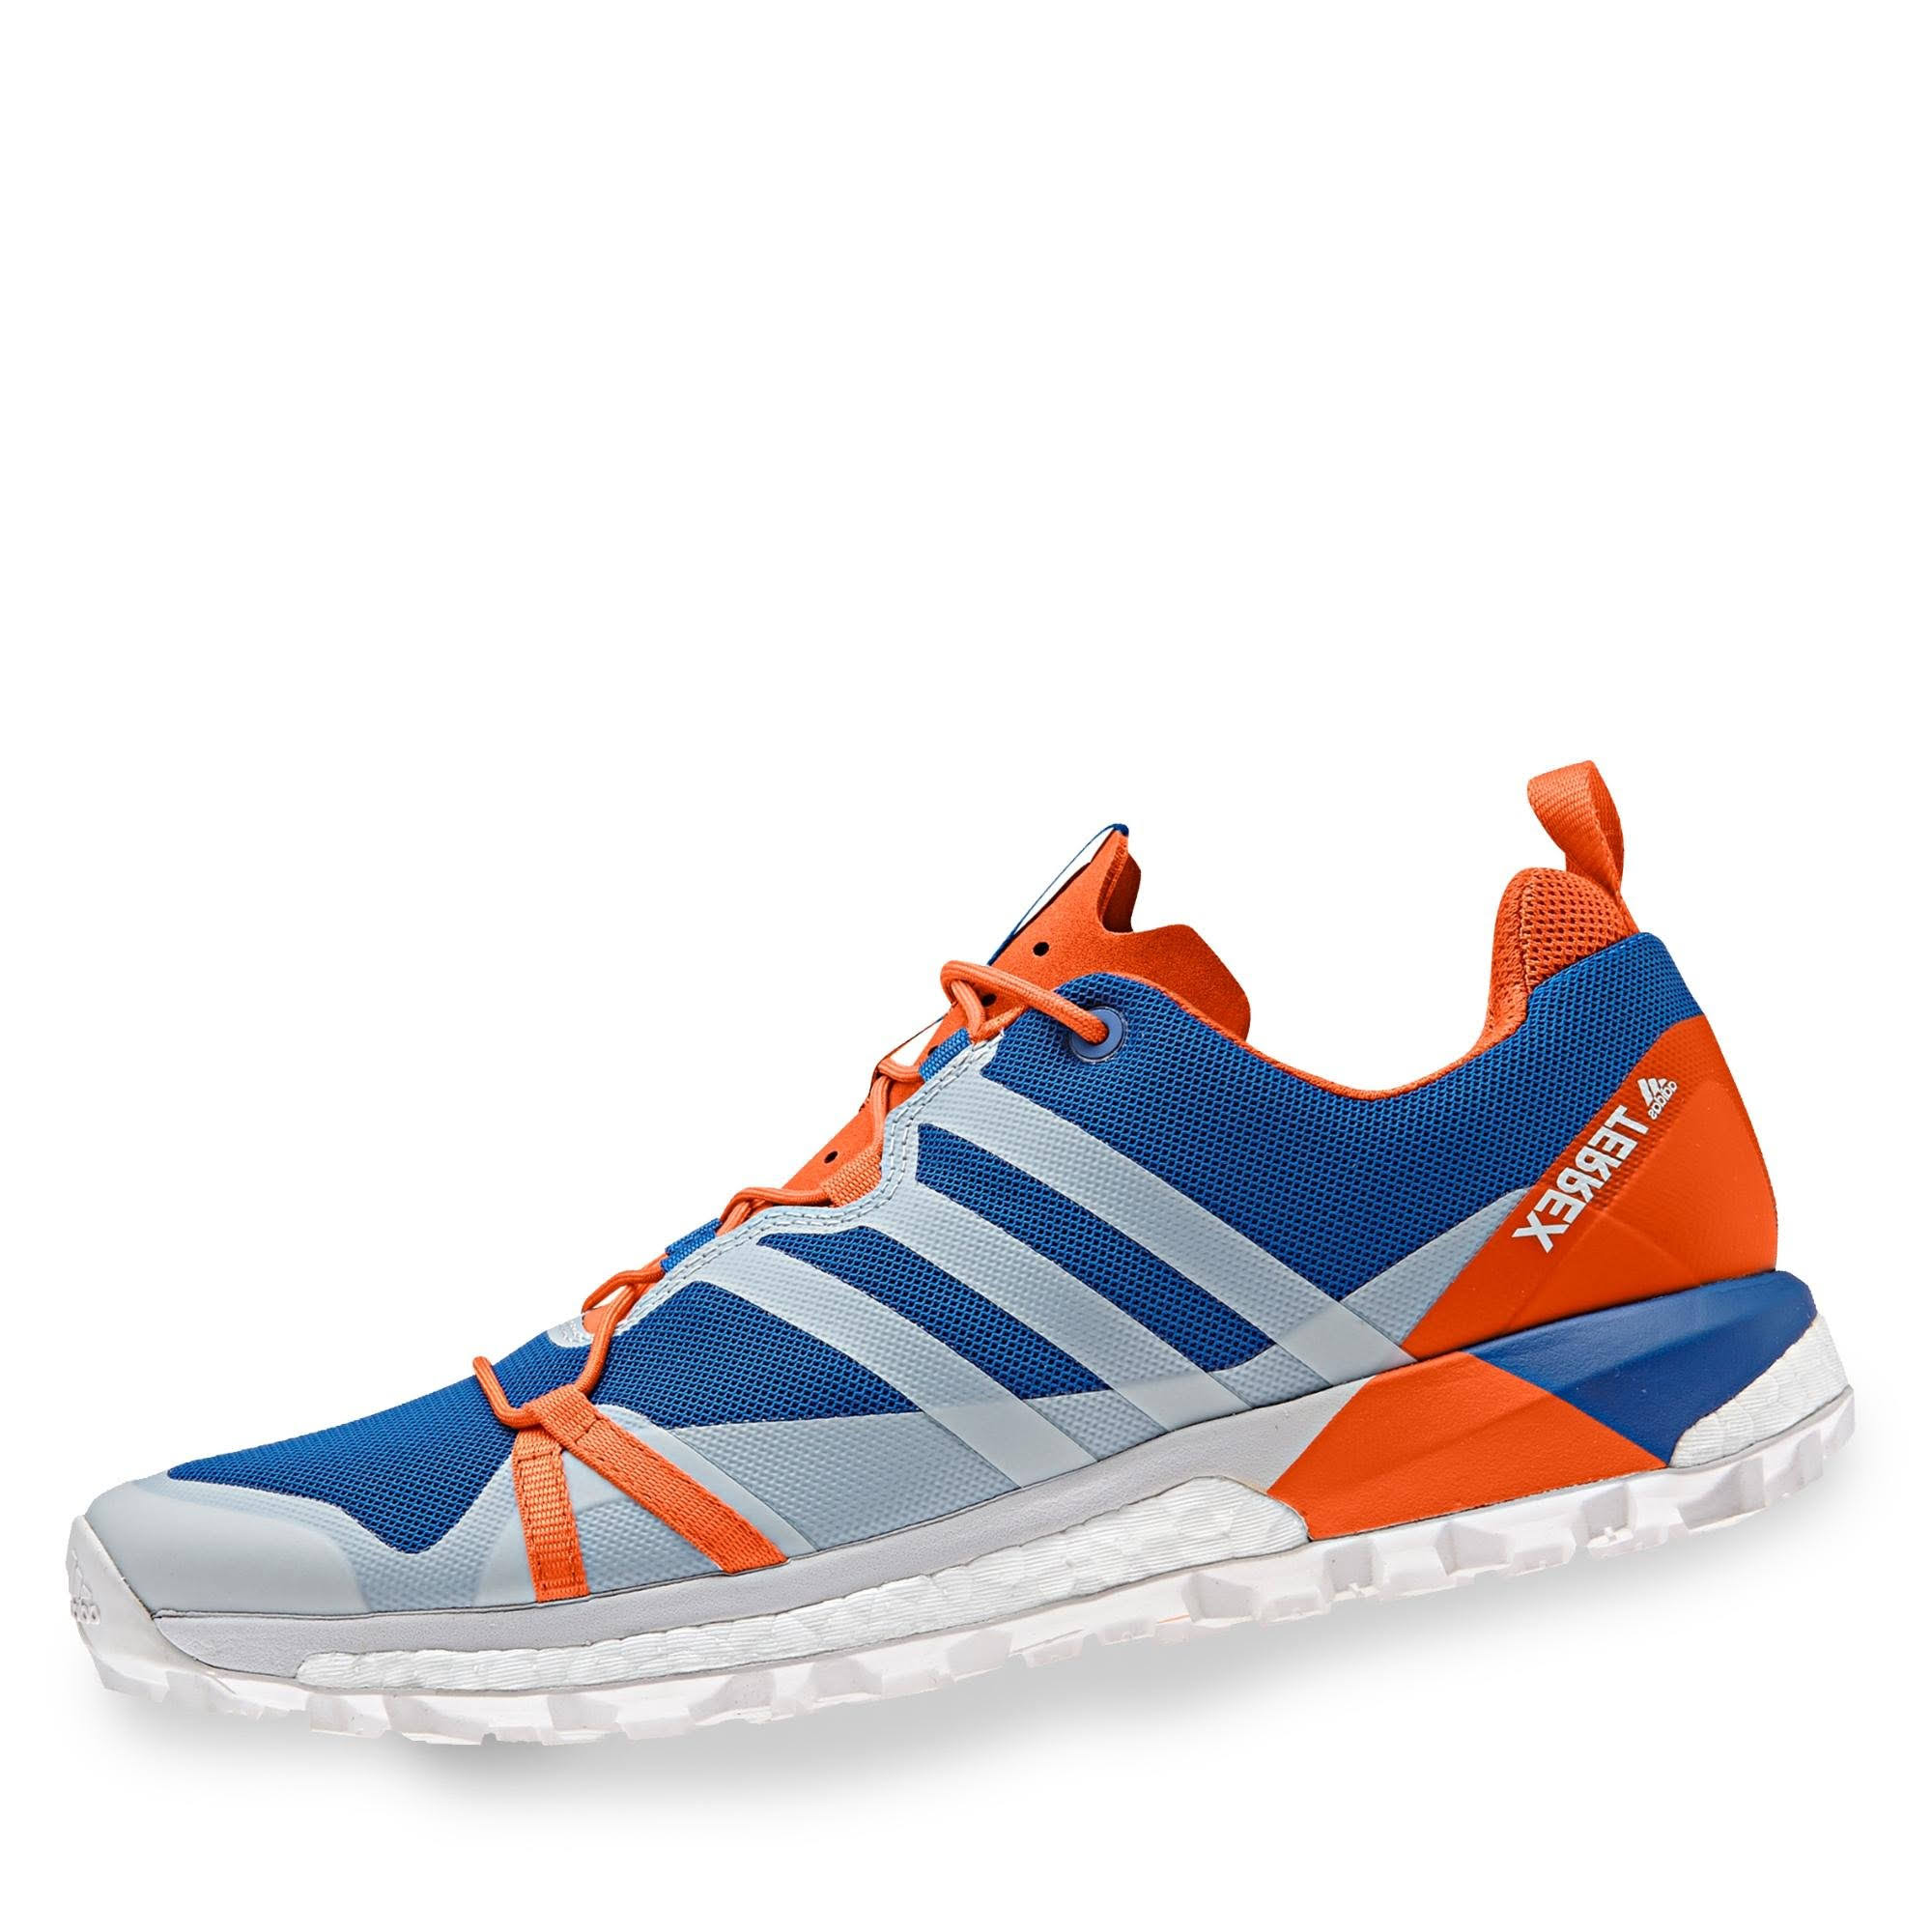 Herren Blau Adidas Schuhe Schnürer Outdoorschuh Terrex Agravic Sportschuh Exw0zwpOYq